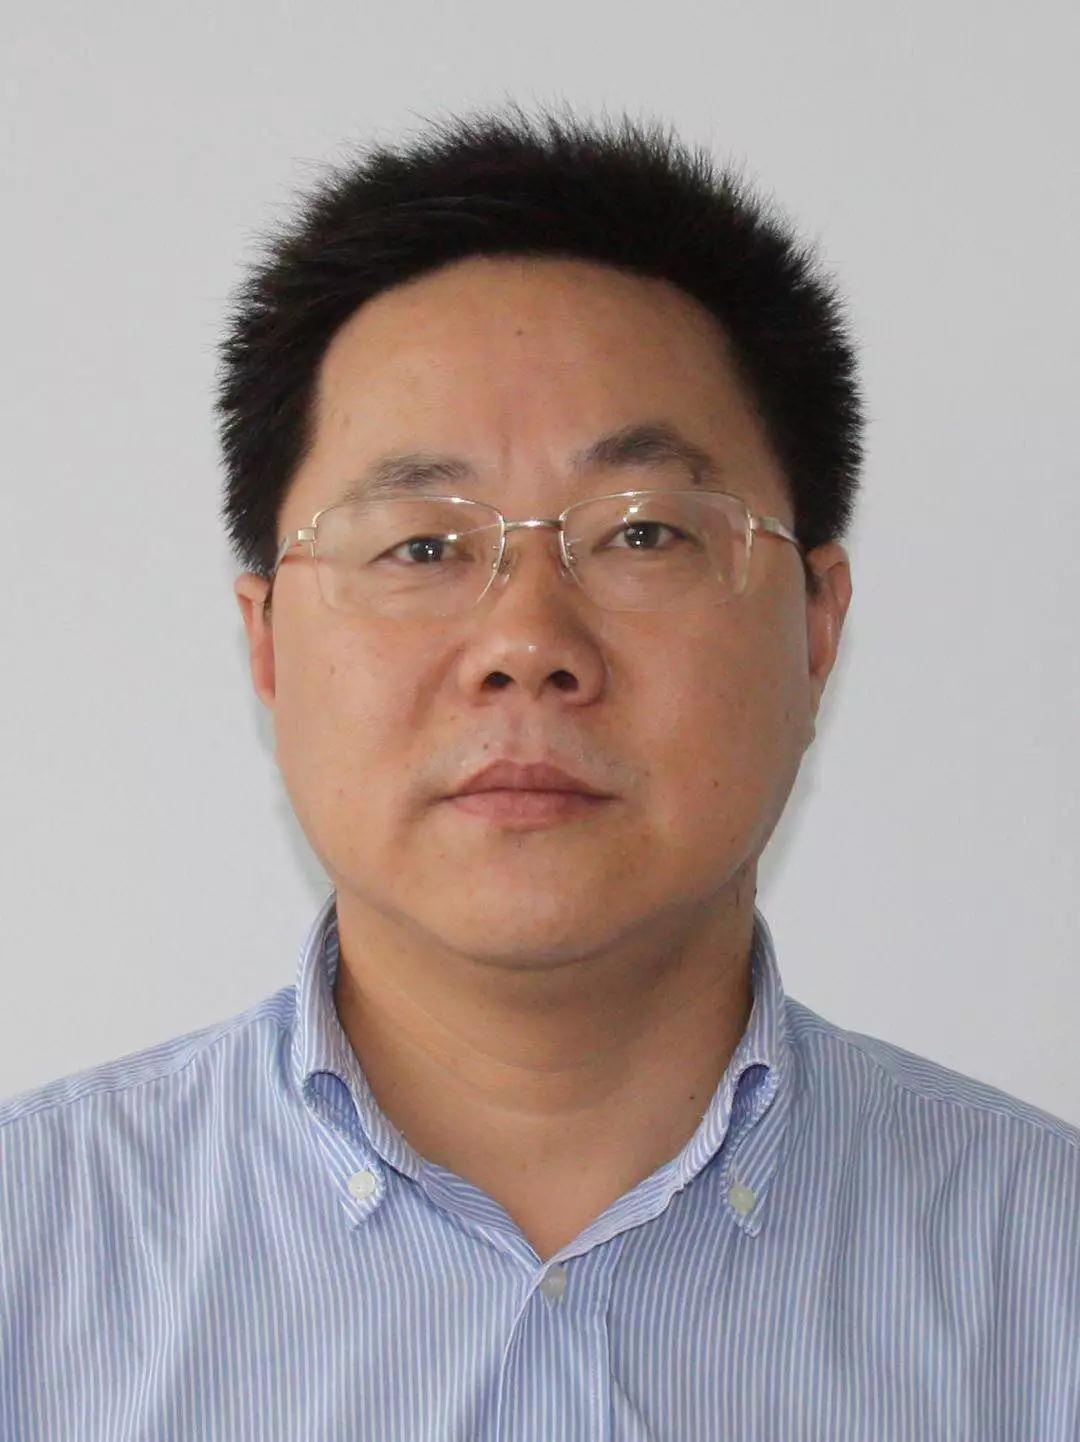 严刚出任国汽智联董事、总经理 全面负责发展战略等